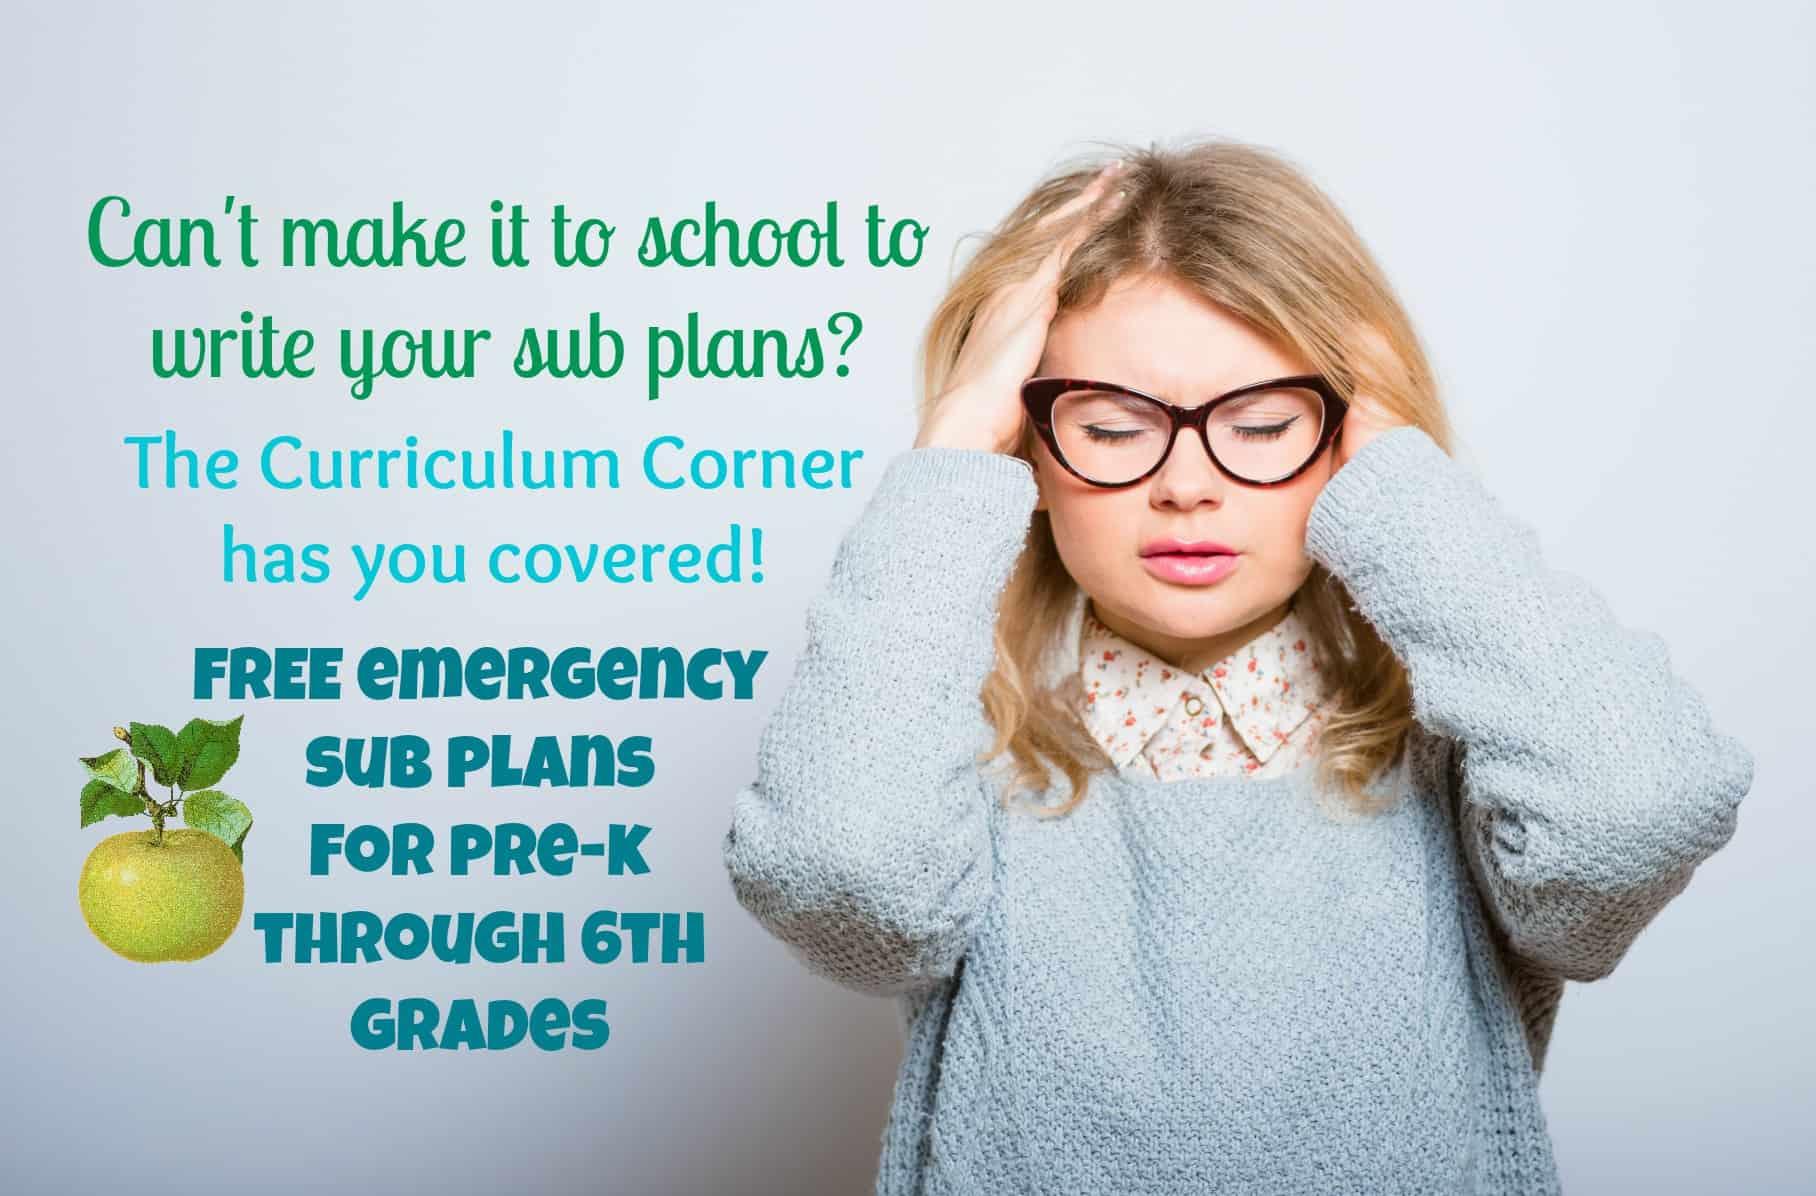 Pre-K – 6th Grade Emergency Sub Plans